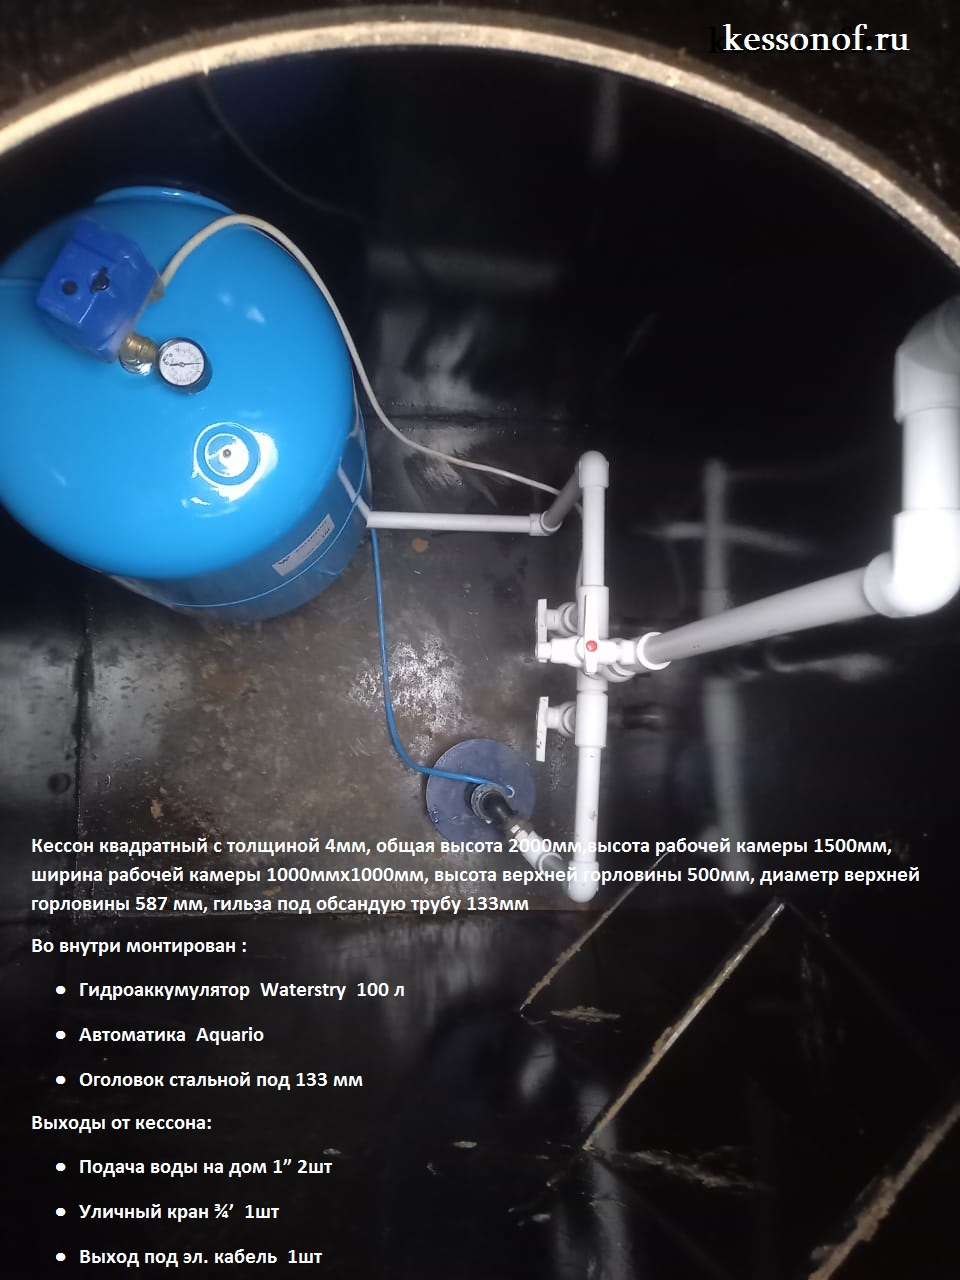 Кессон квадратный с толщиной 4мм, общая высота 2000мм,высота рабочей камеры 1500мм, ширина рабочей камеры 1000ммх1000мм, высота верхней горловины 500мм, диаметр верхней горловины 587 мм, гильза под обсандую трубу 133мм